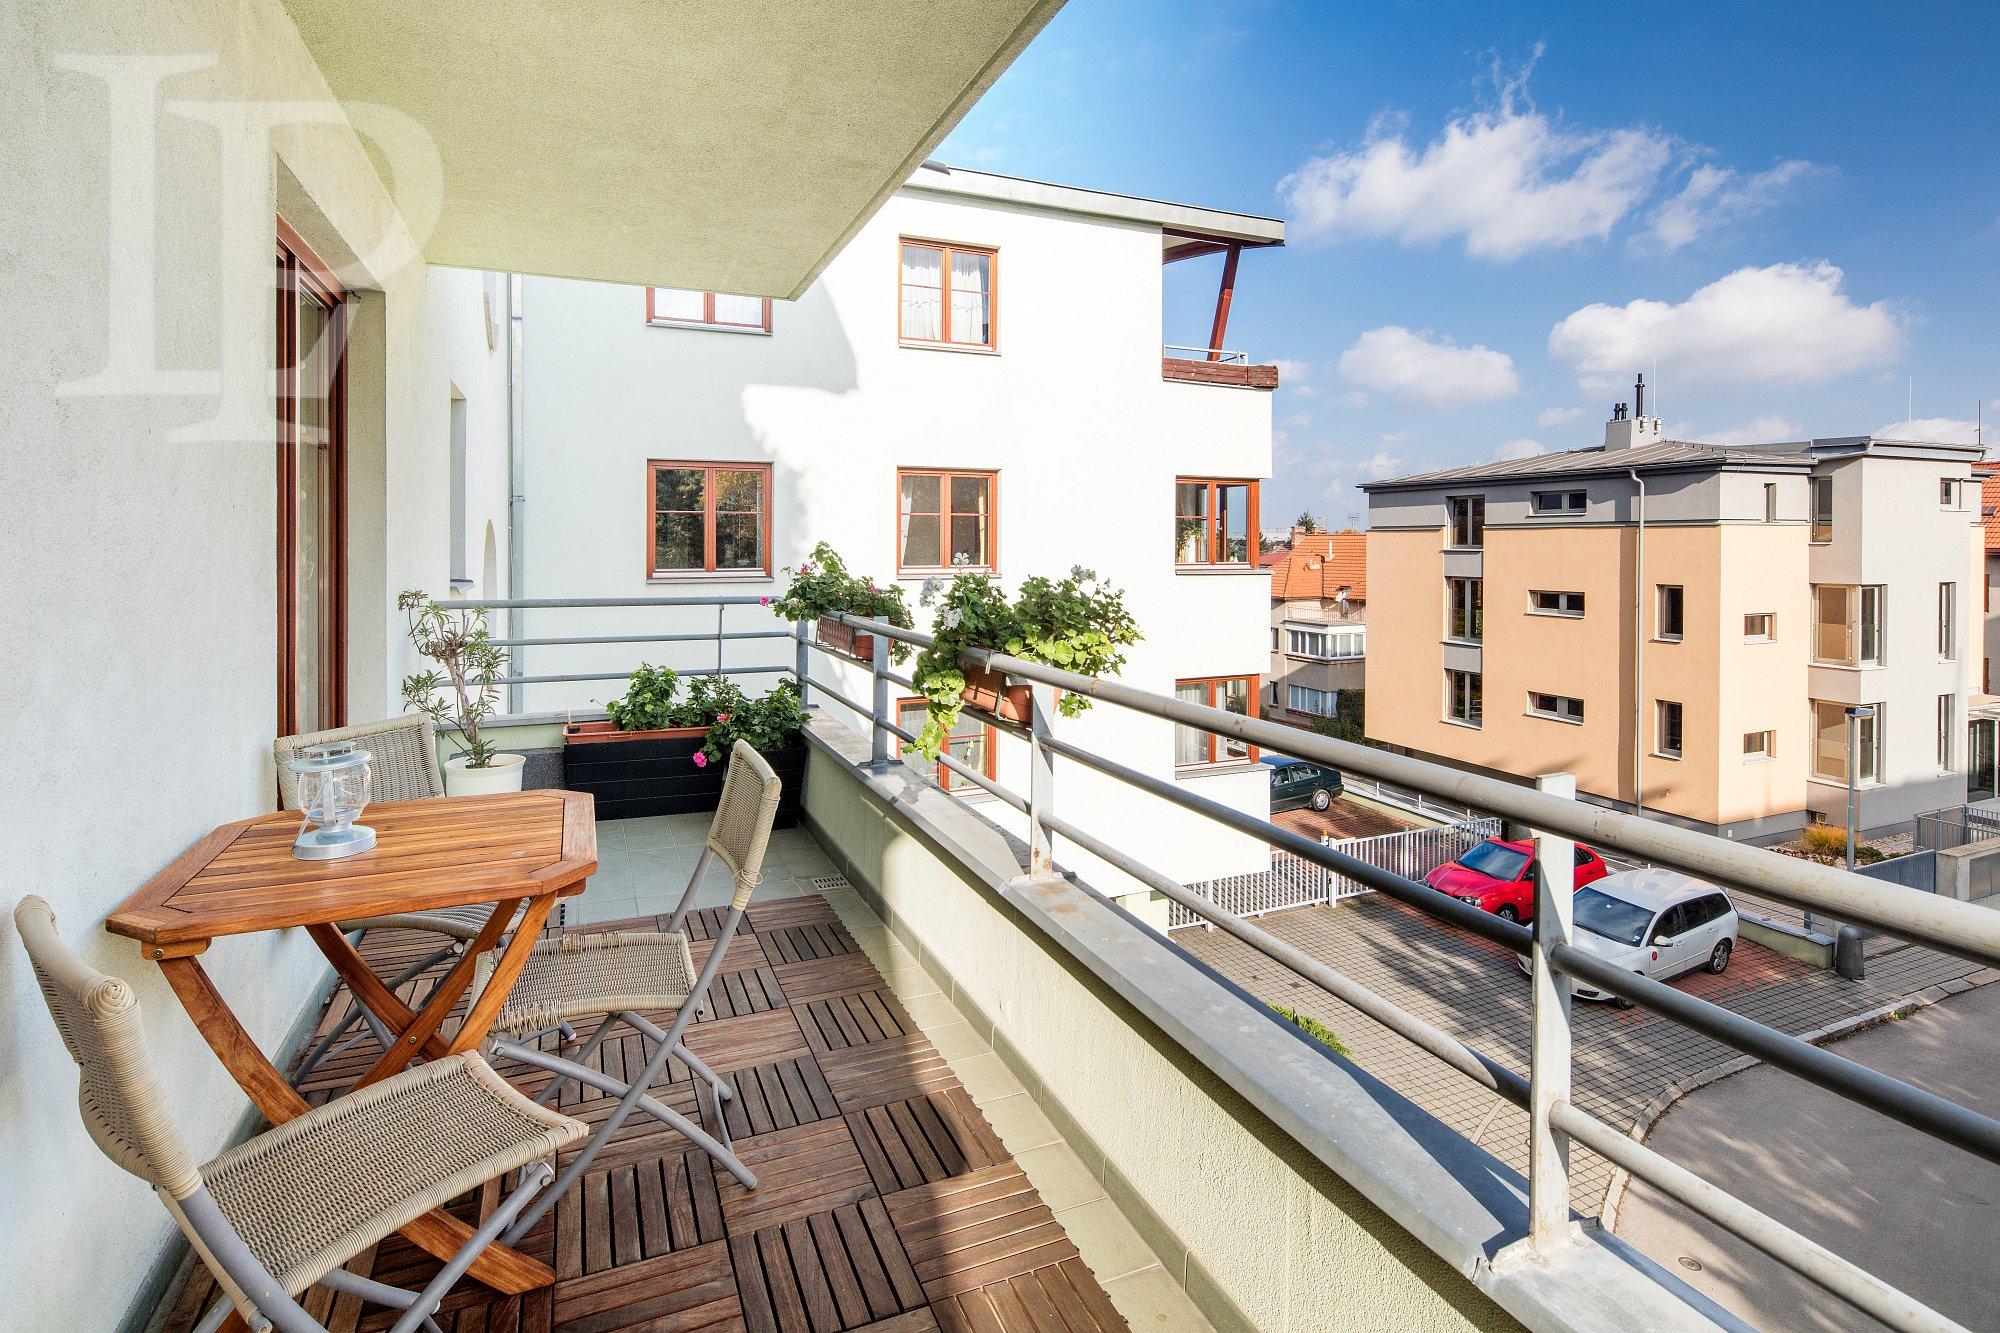 Krásný slunný byt  4+1, 135 m2 s balkonem, garáž.stáním,u parku, Kavčí hory